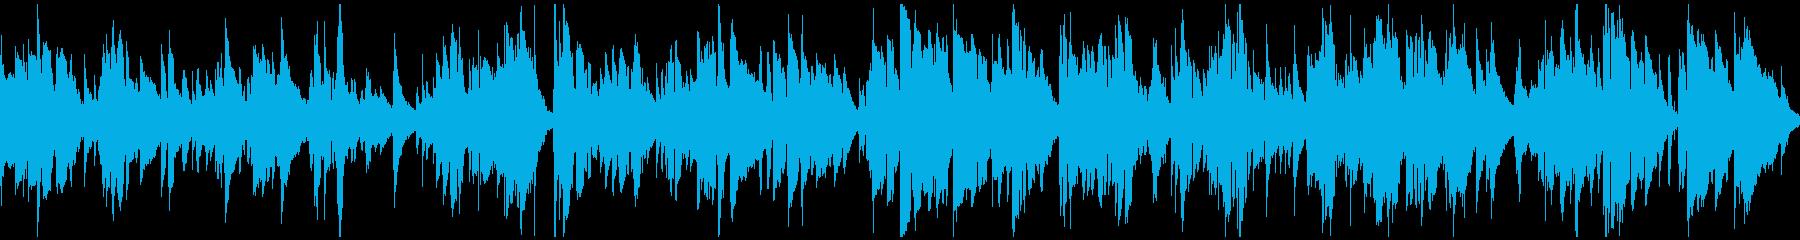 まったり雰囲気のジャズバラード※ループ版の再生済みの波形